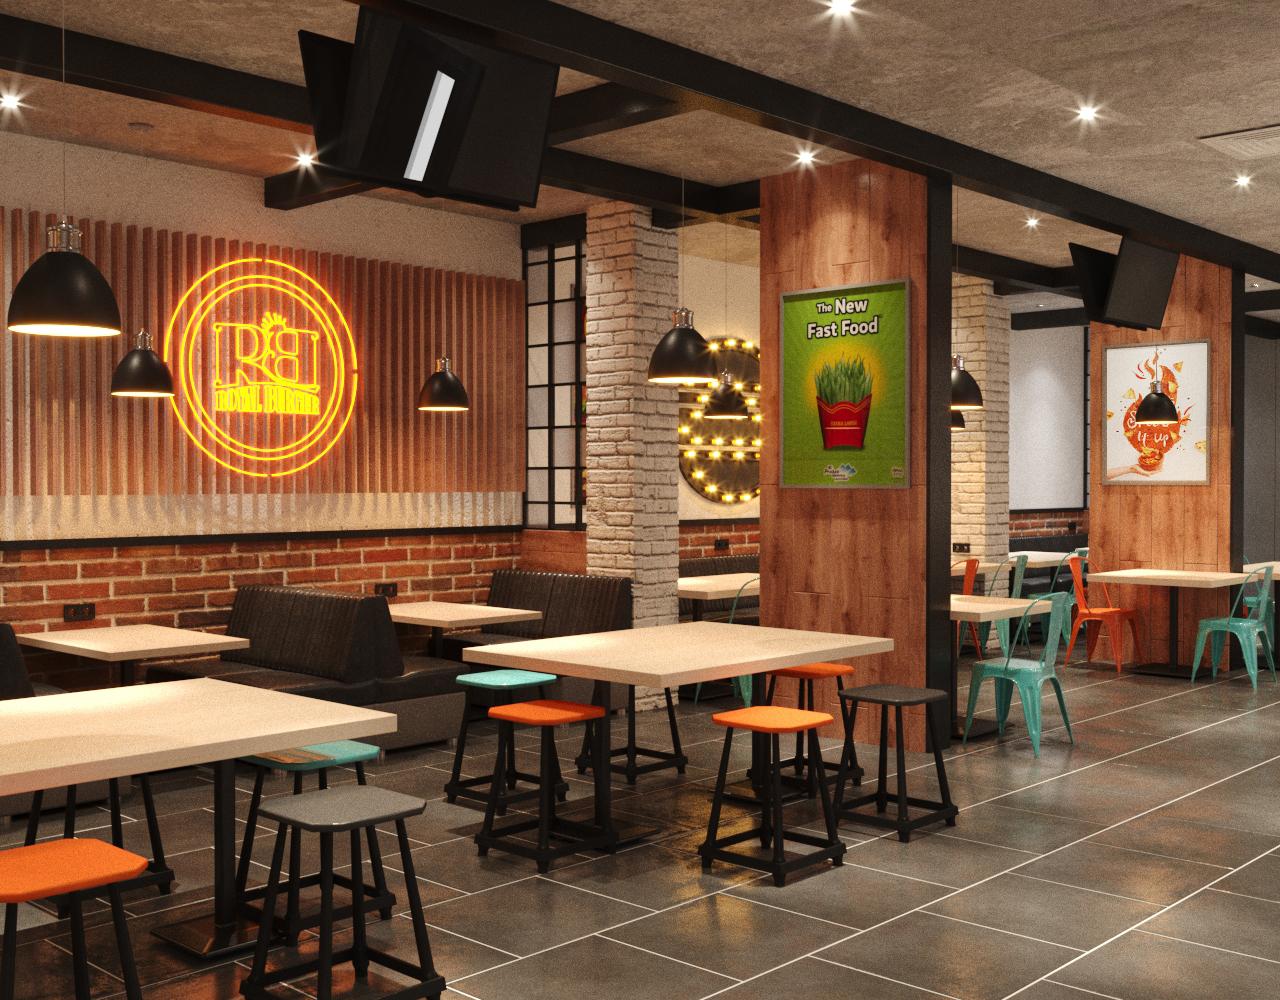 Обновление интерьера кафе  фото f_91259ceab1694b36.jpg